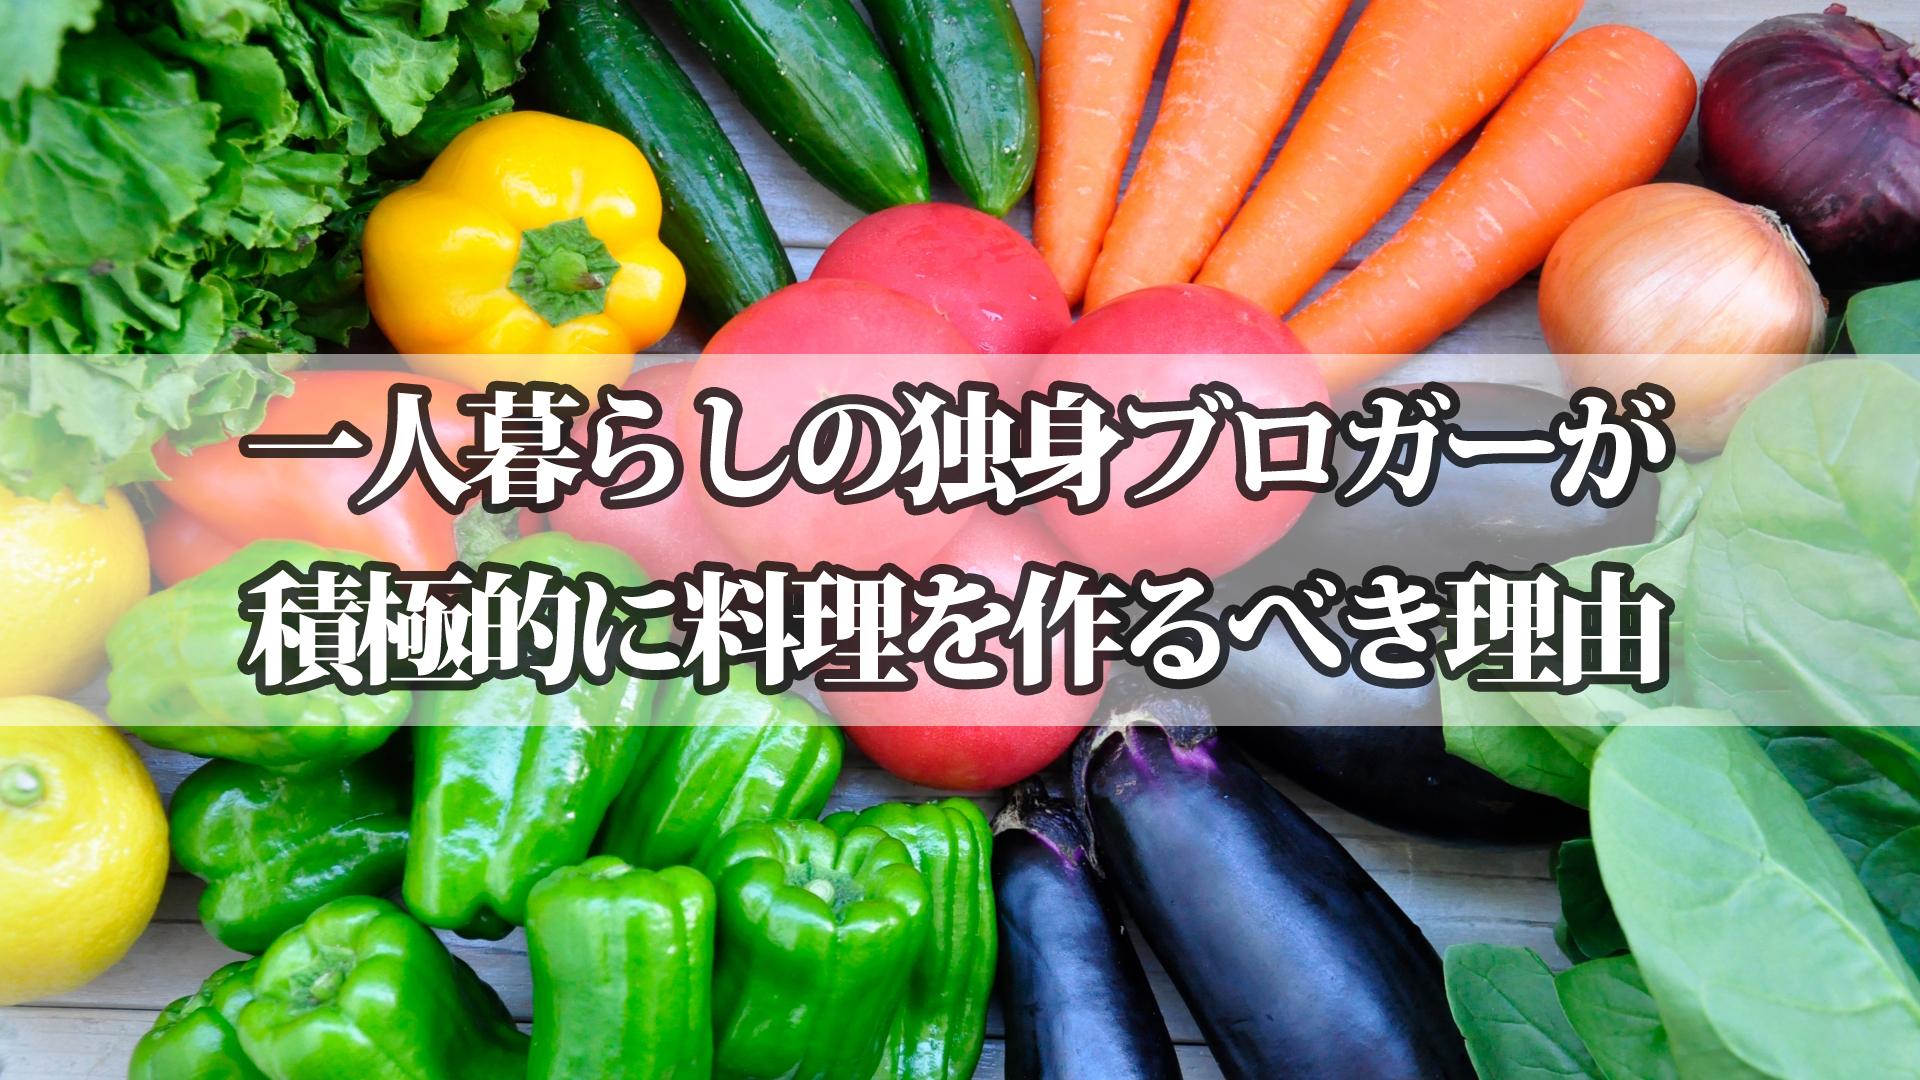 知ってた?一人暮らしの独身ブロガーが積極的に料理を作るべき理由【ブログと料理の共通点】